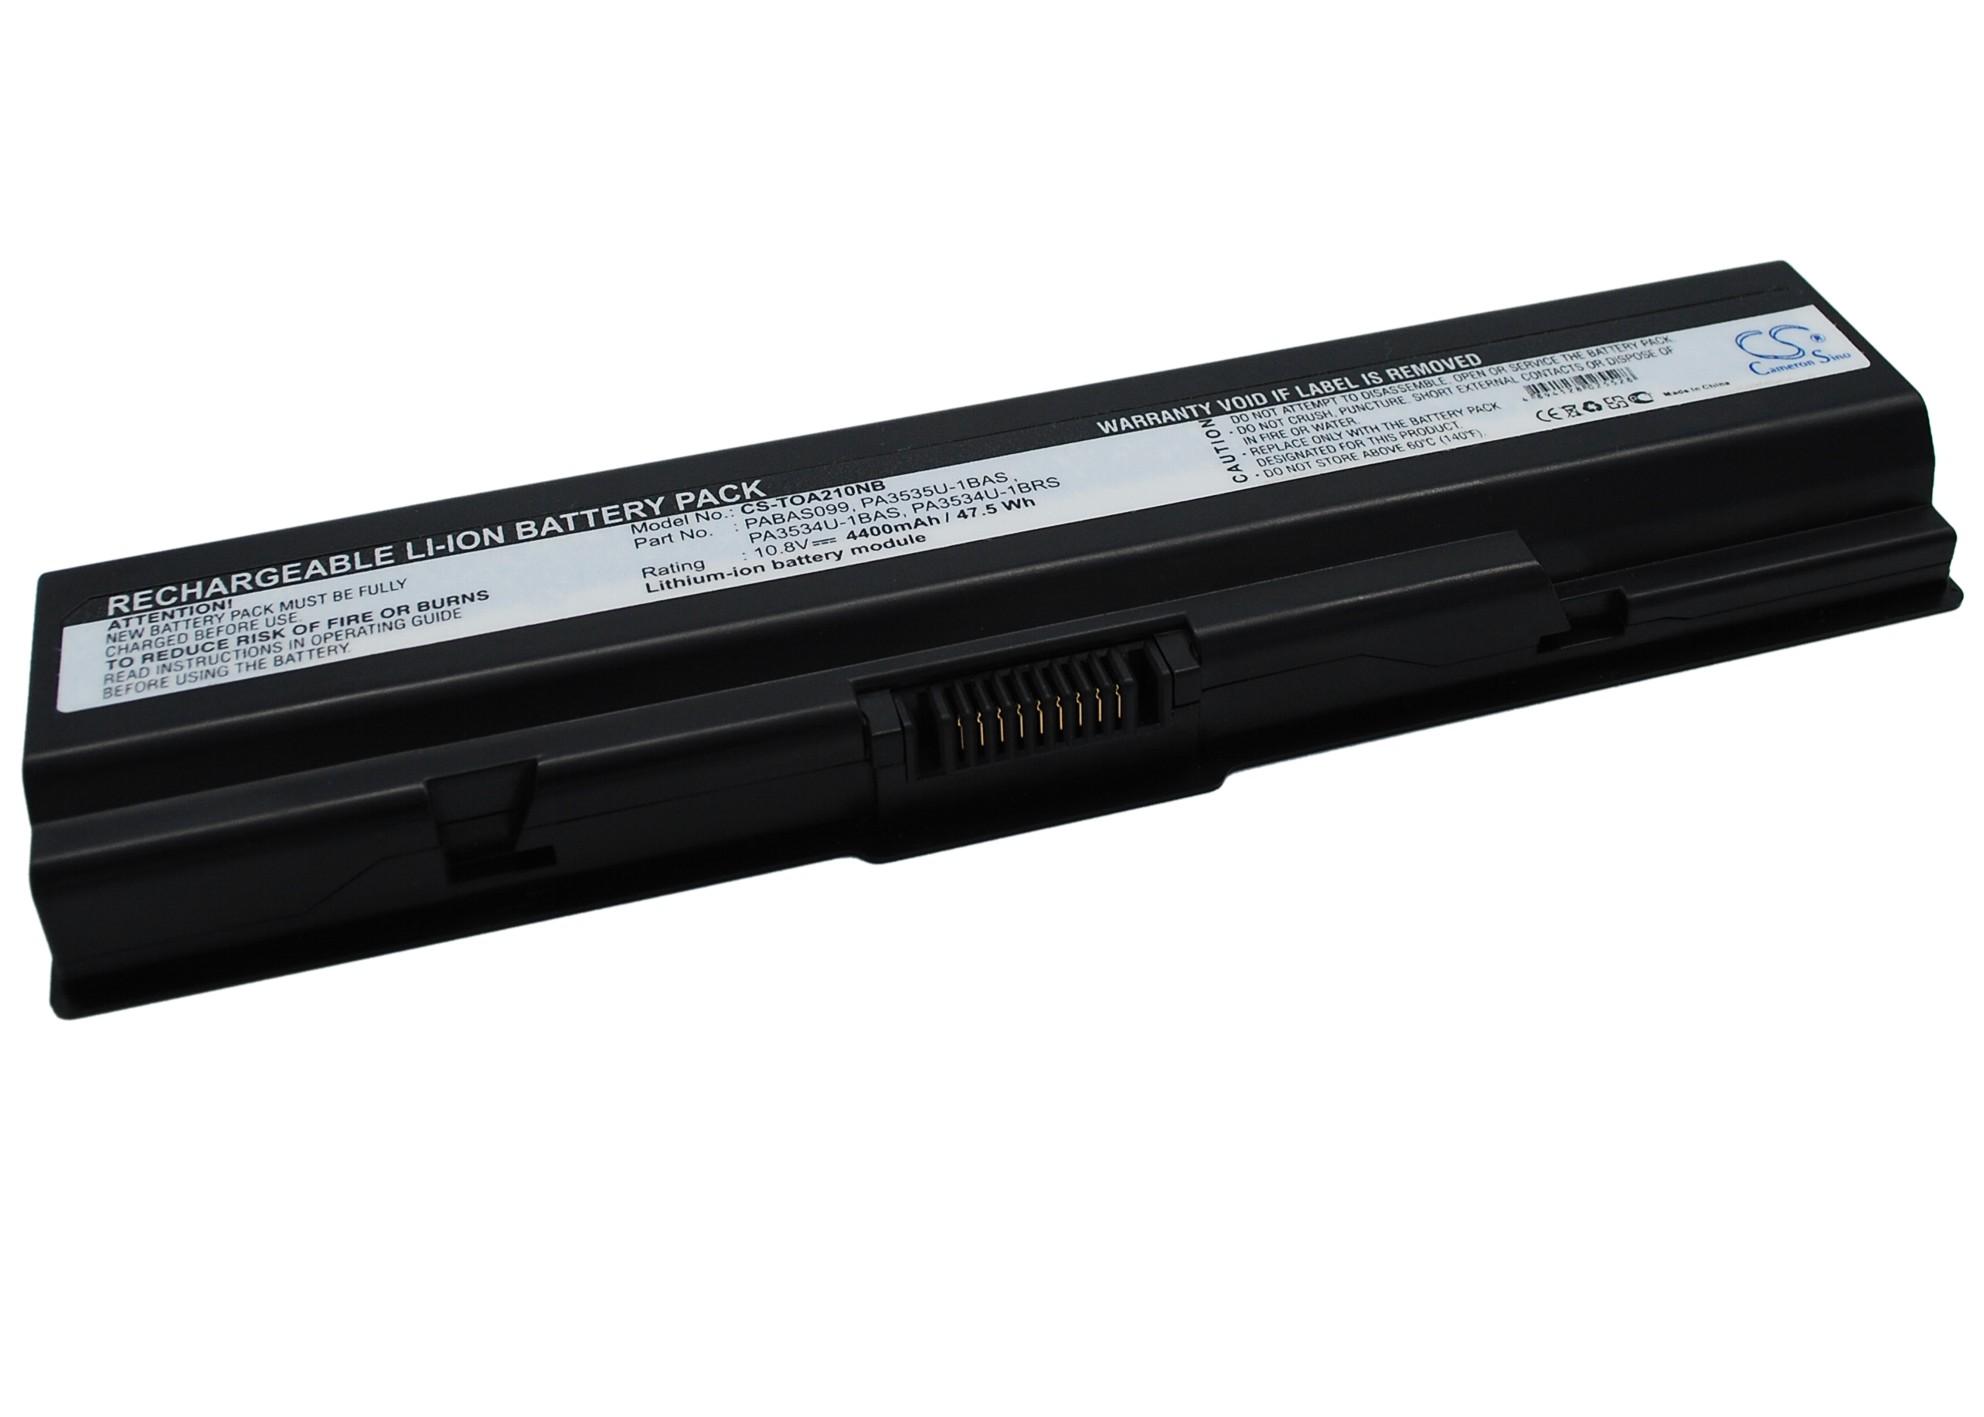 Cameron Sino baterie do notebooků pro TOSHIBA Satellite L555-11L 10.8V Li-ion 4400mAh černá - neoriginální